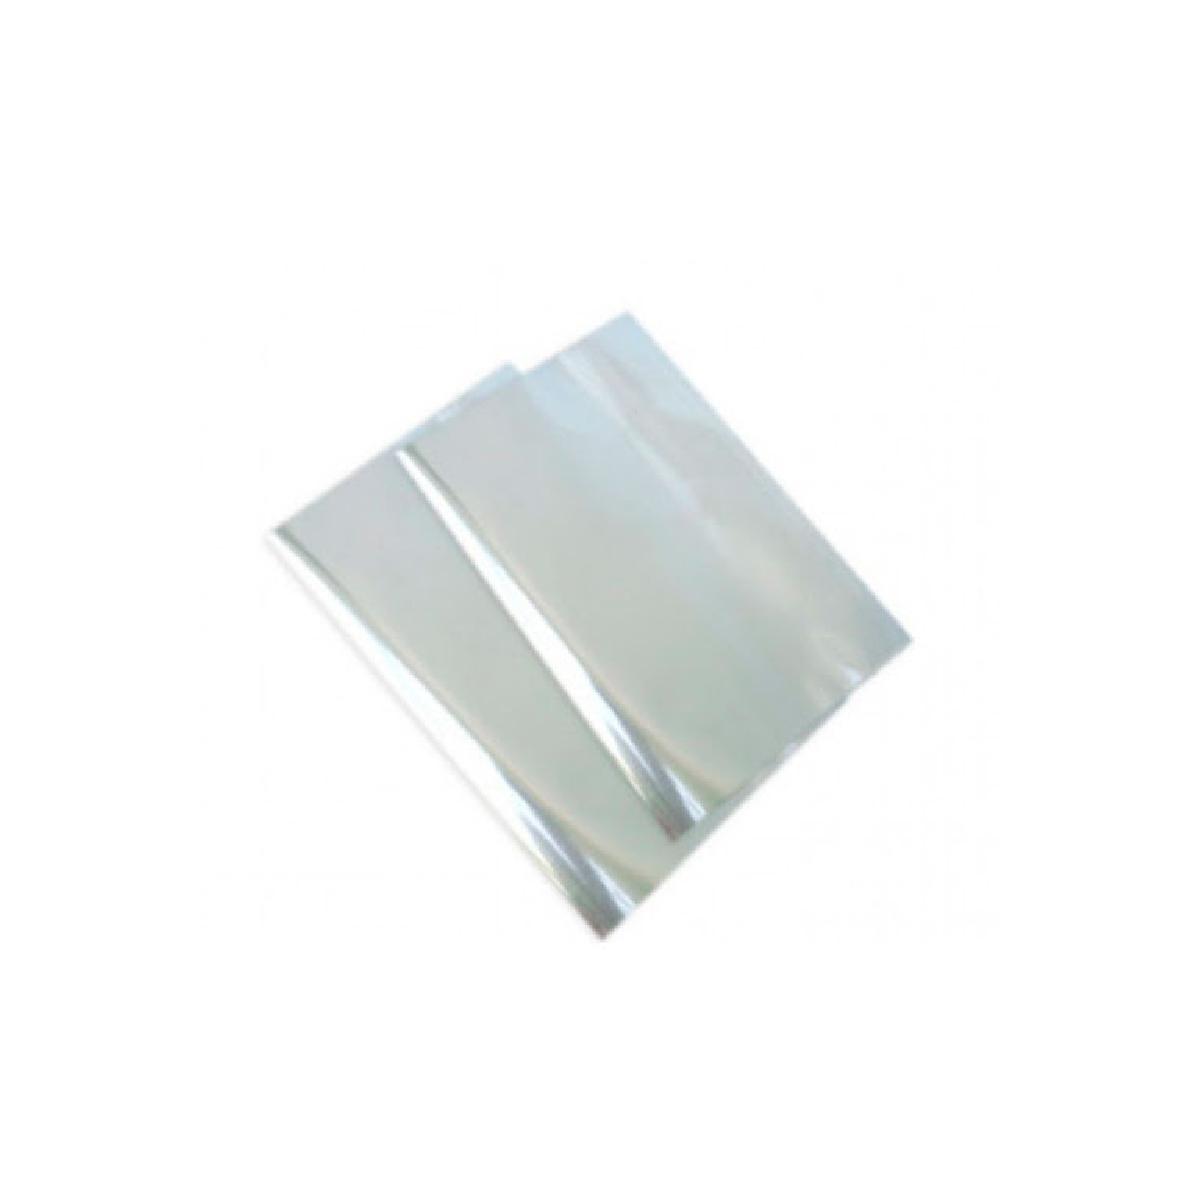 Sacos em Polipropileno Transparente com 1 kg